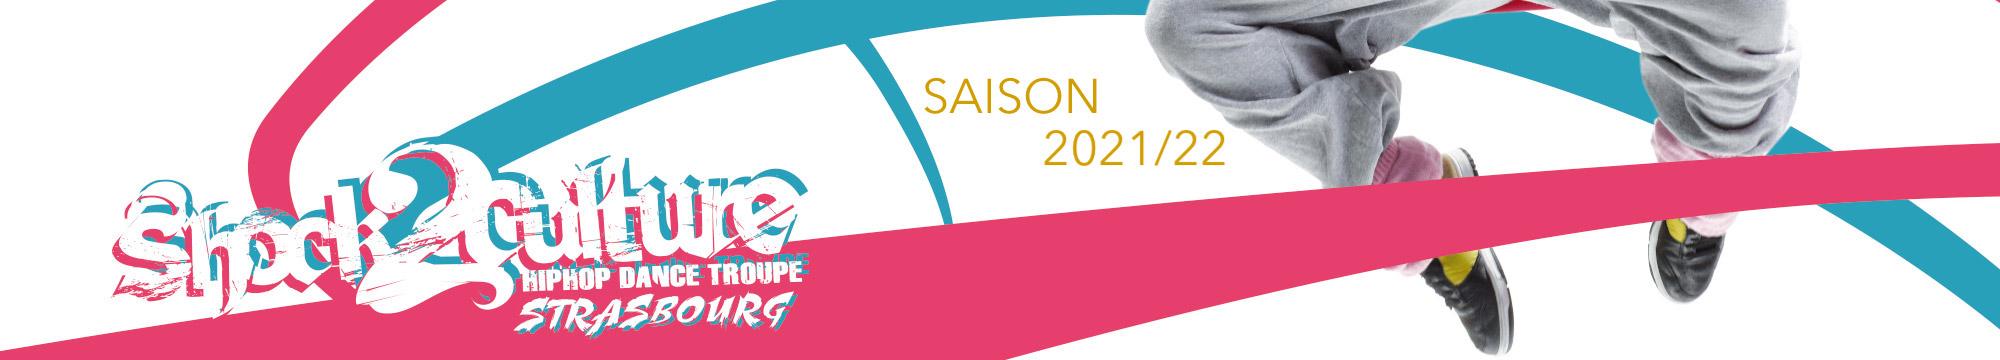 SAISON 2021/22